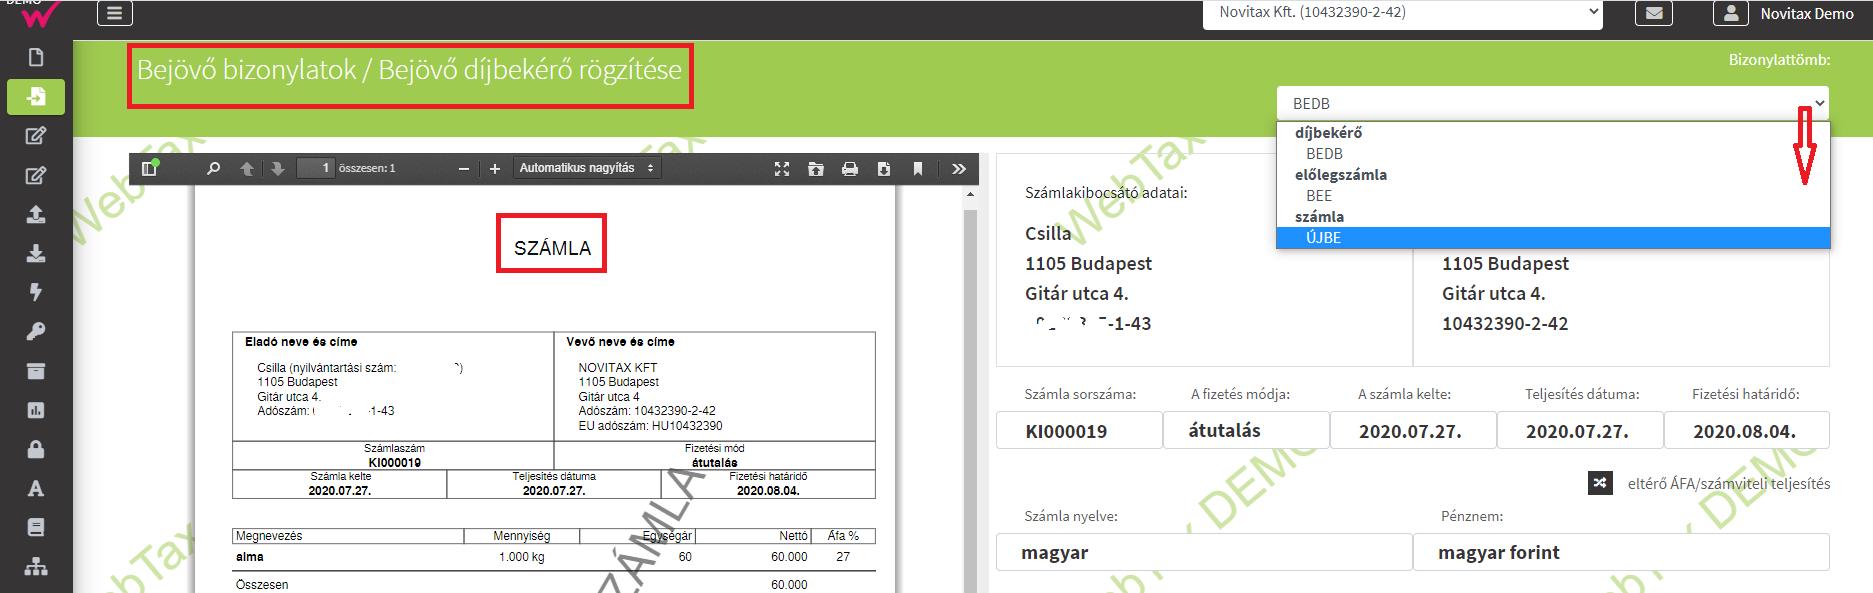 Bejövő bizonylat végszámla PDF rögzítés feltöltött fileból szlatömb választással